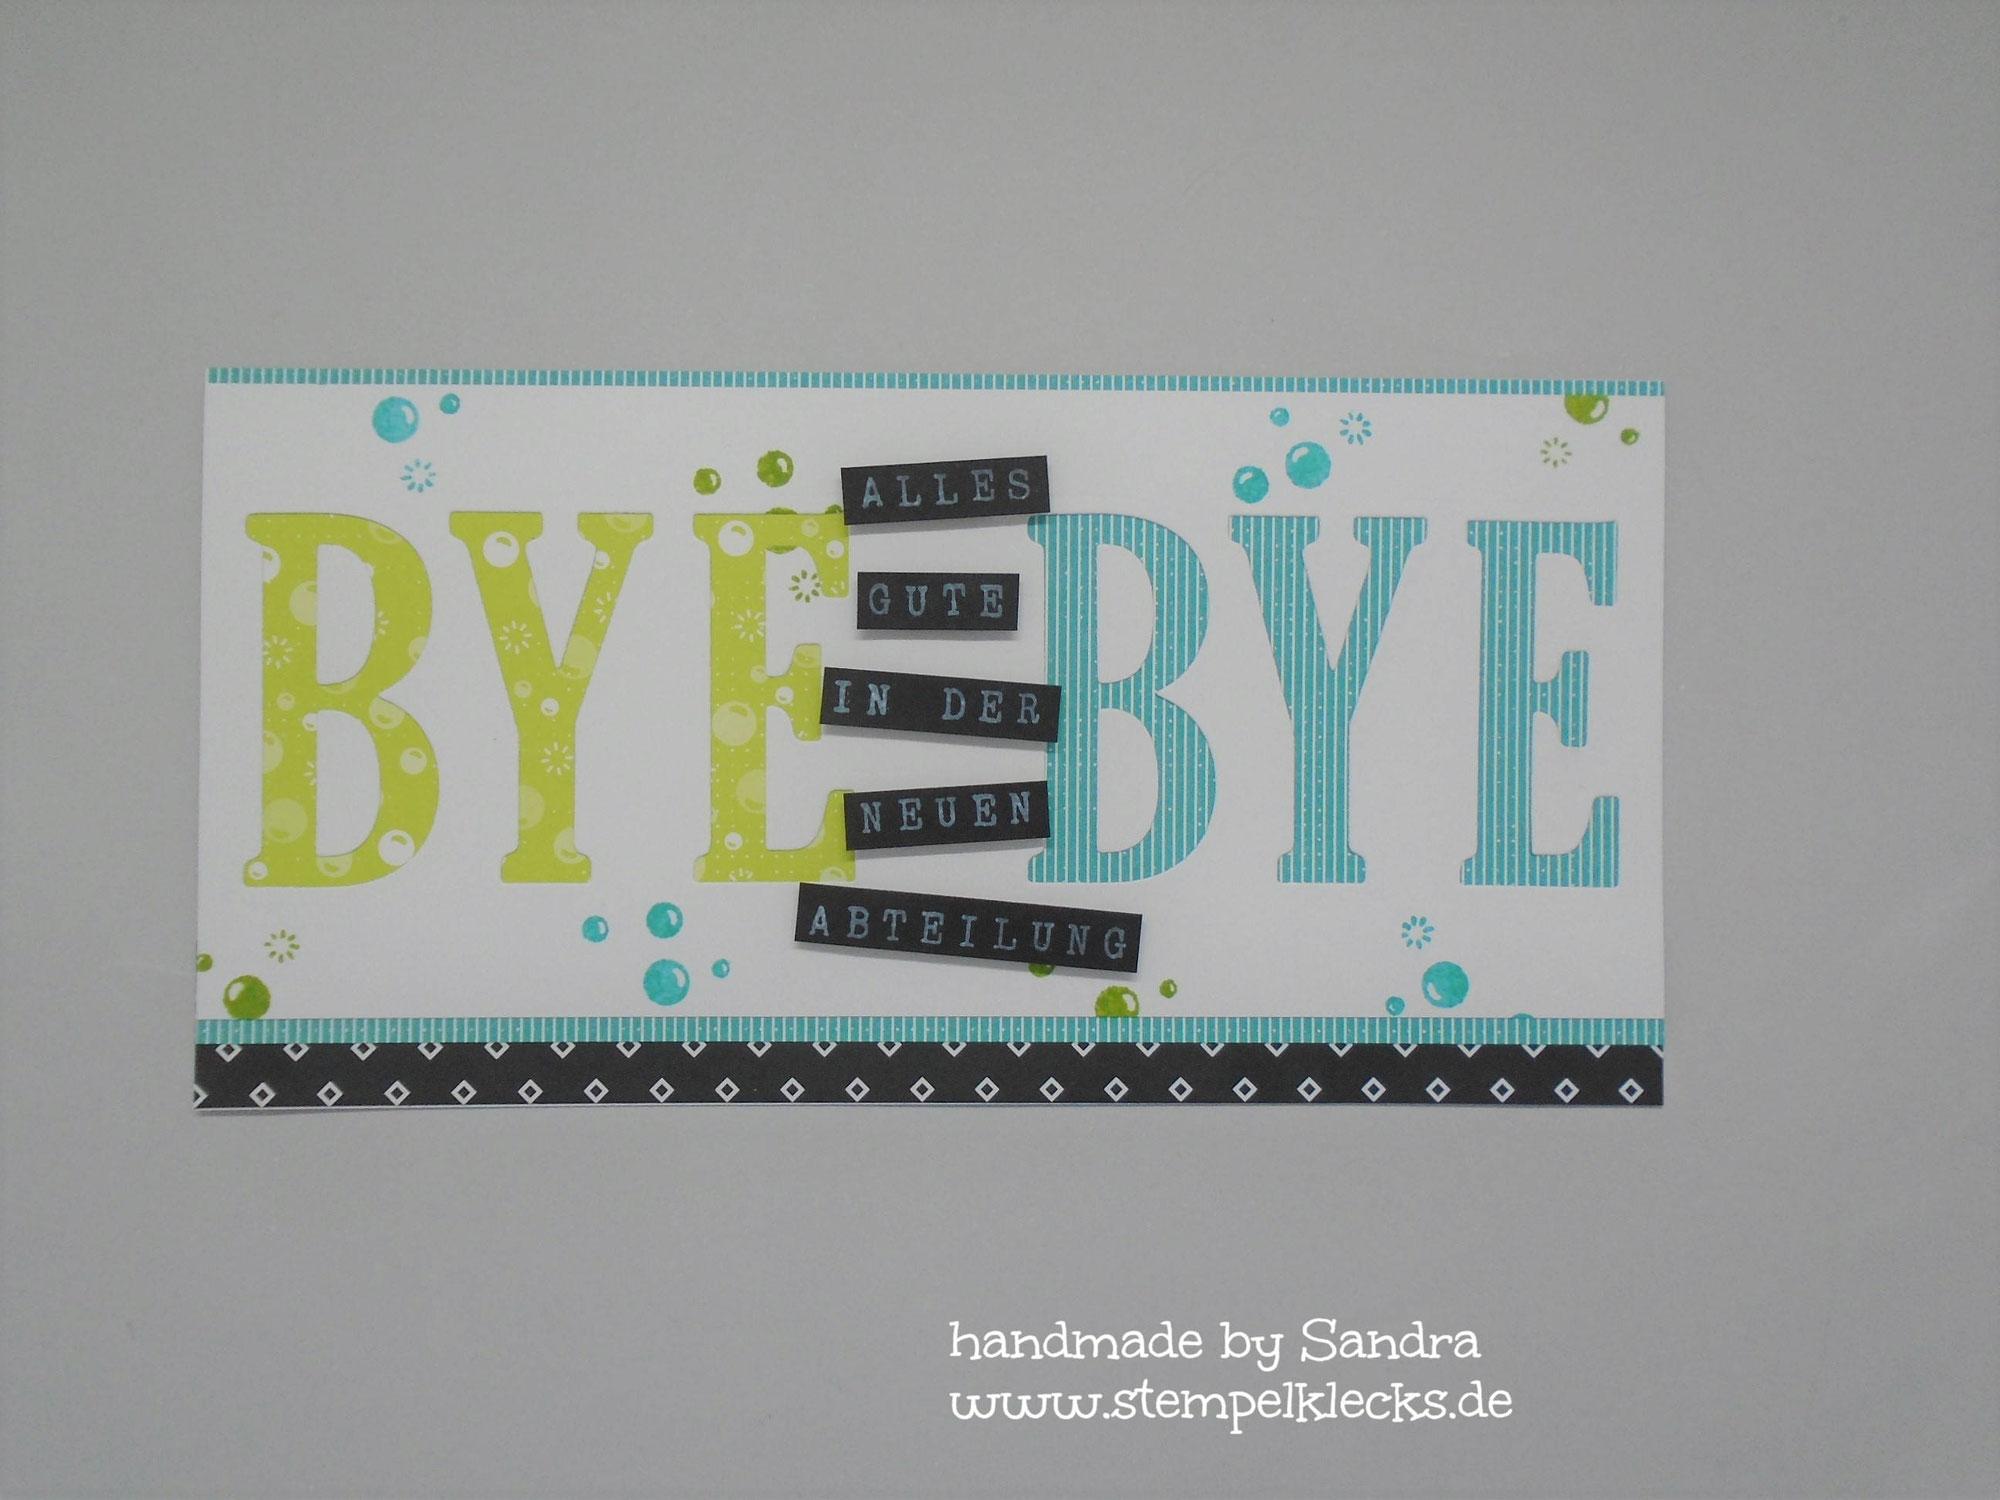 Bye, bye - Abschiedskarte